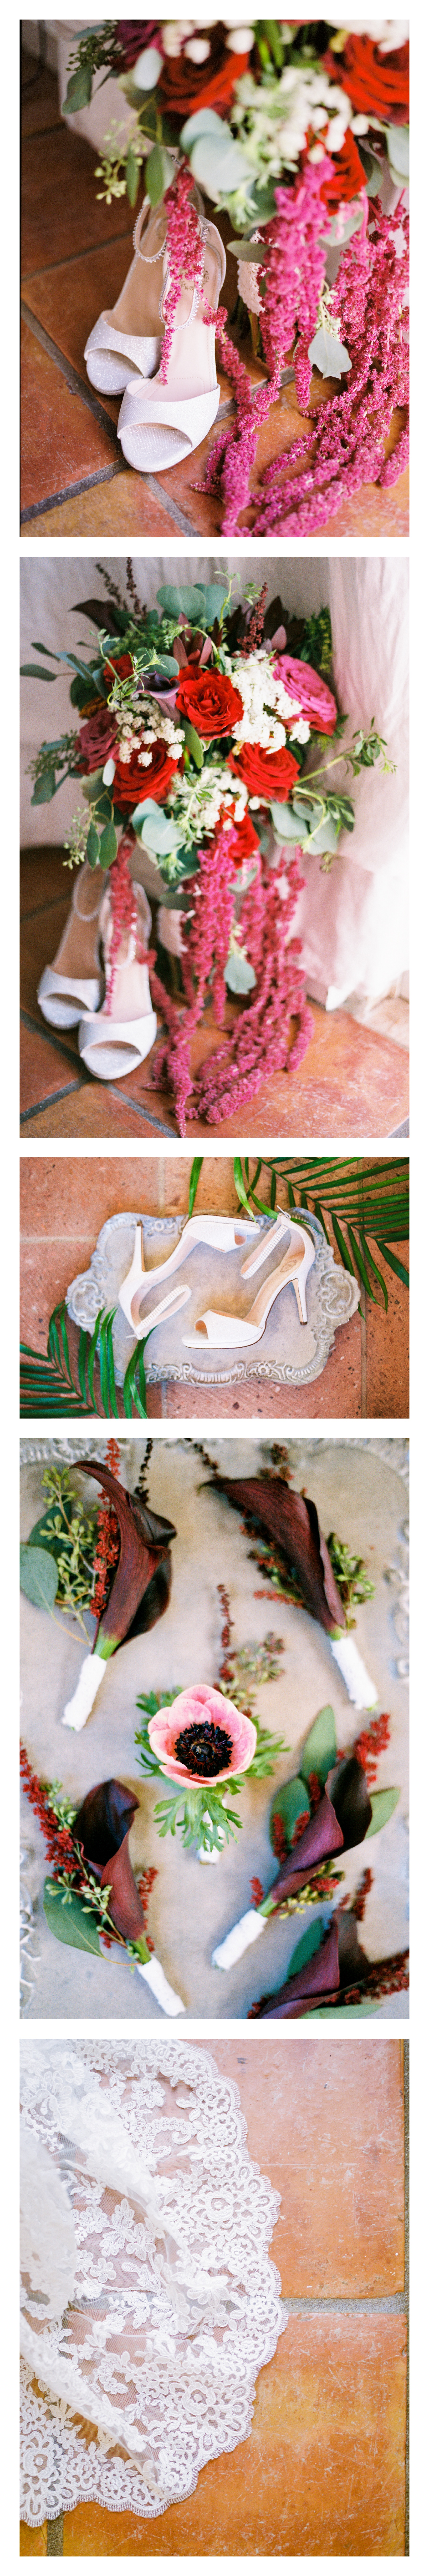 villa-montana-resort-isabela-puerto-rico-wedding_0009.jpg